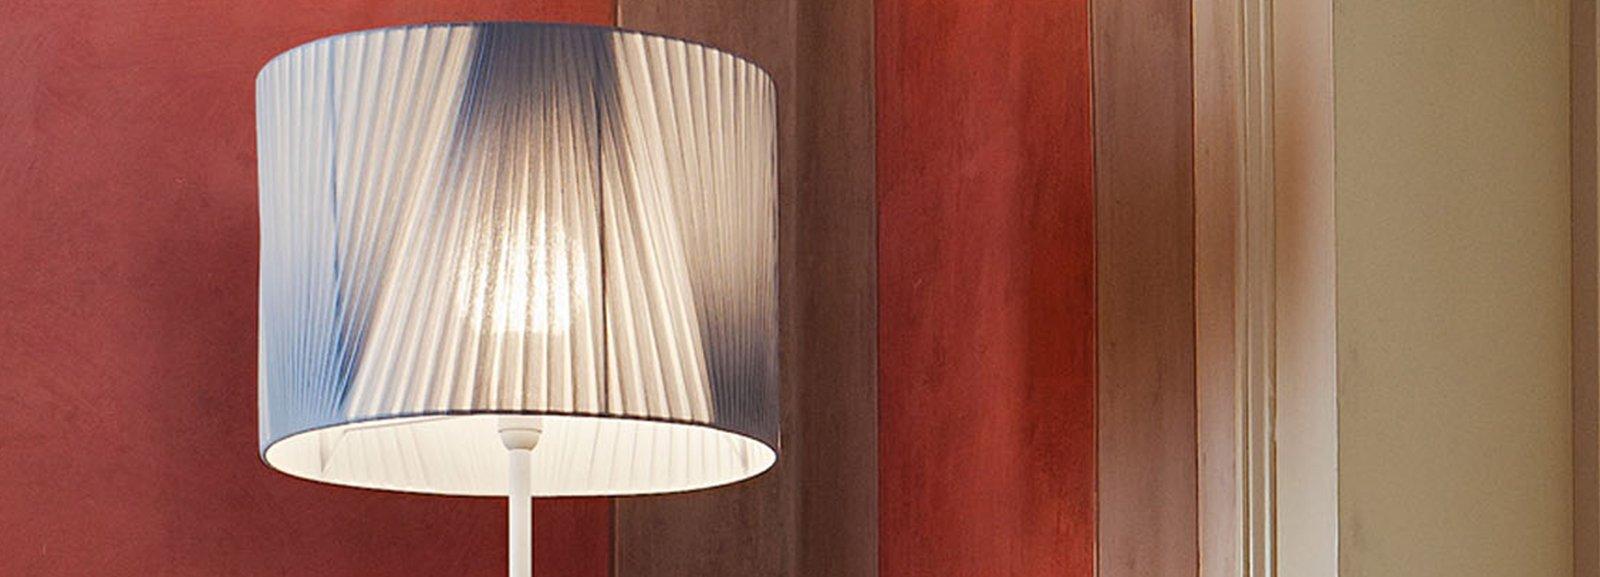 Lampade Sospese Ikea: Lampade sospese ikea images a sospensione flos modo in.